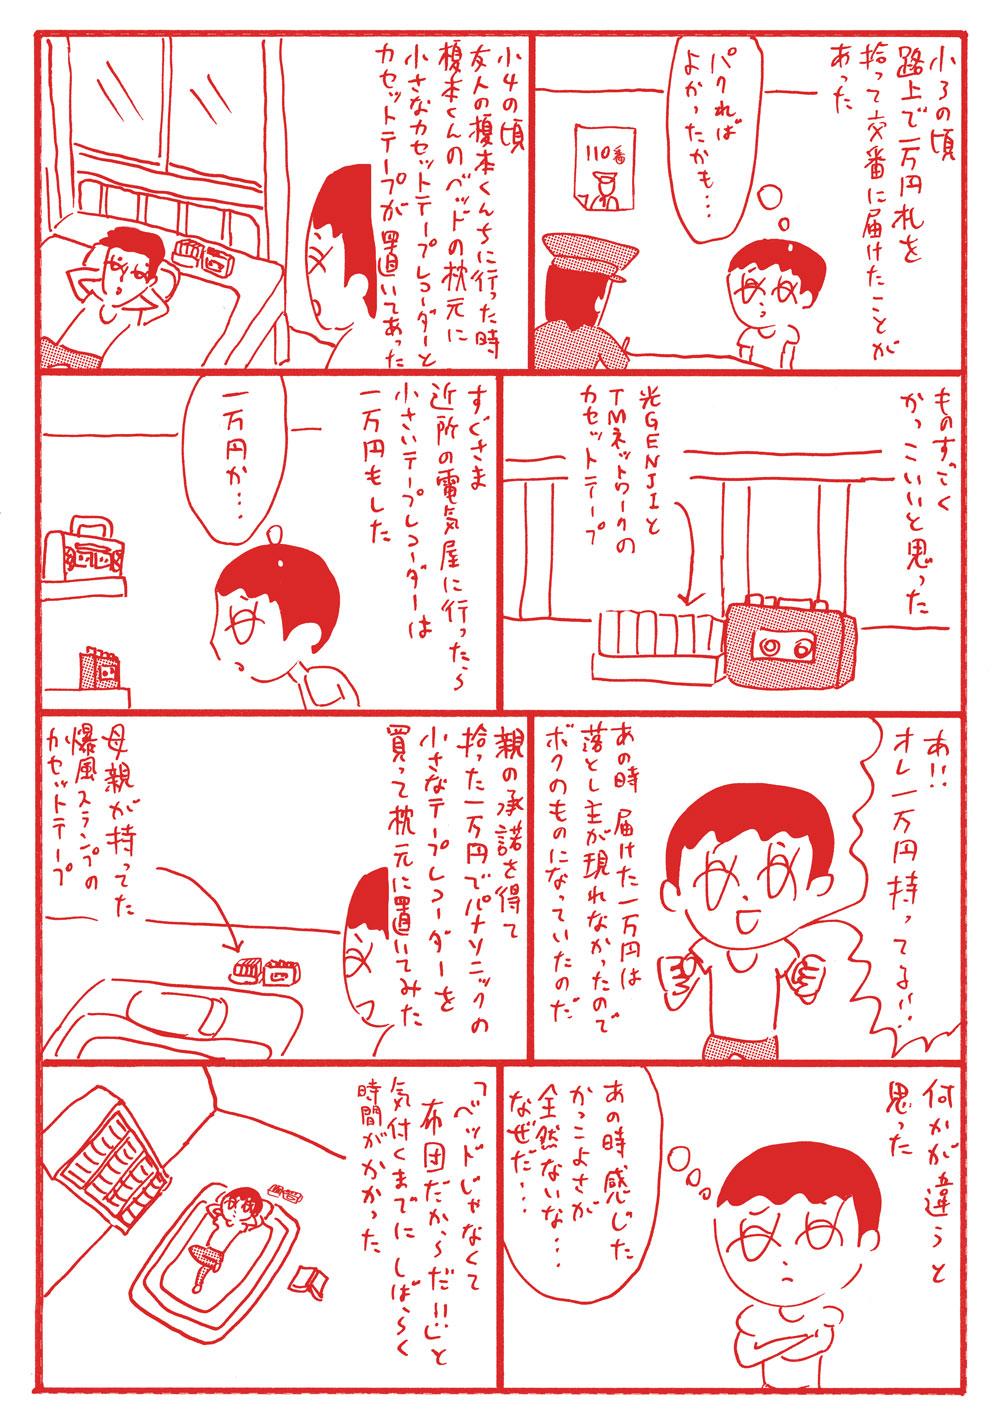 oohashi-hiroyuki-022